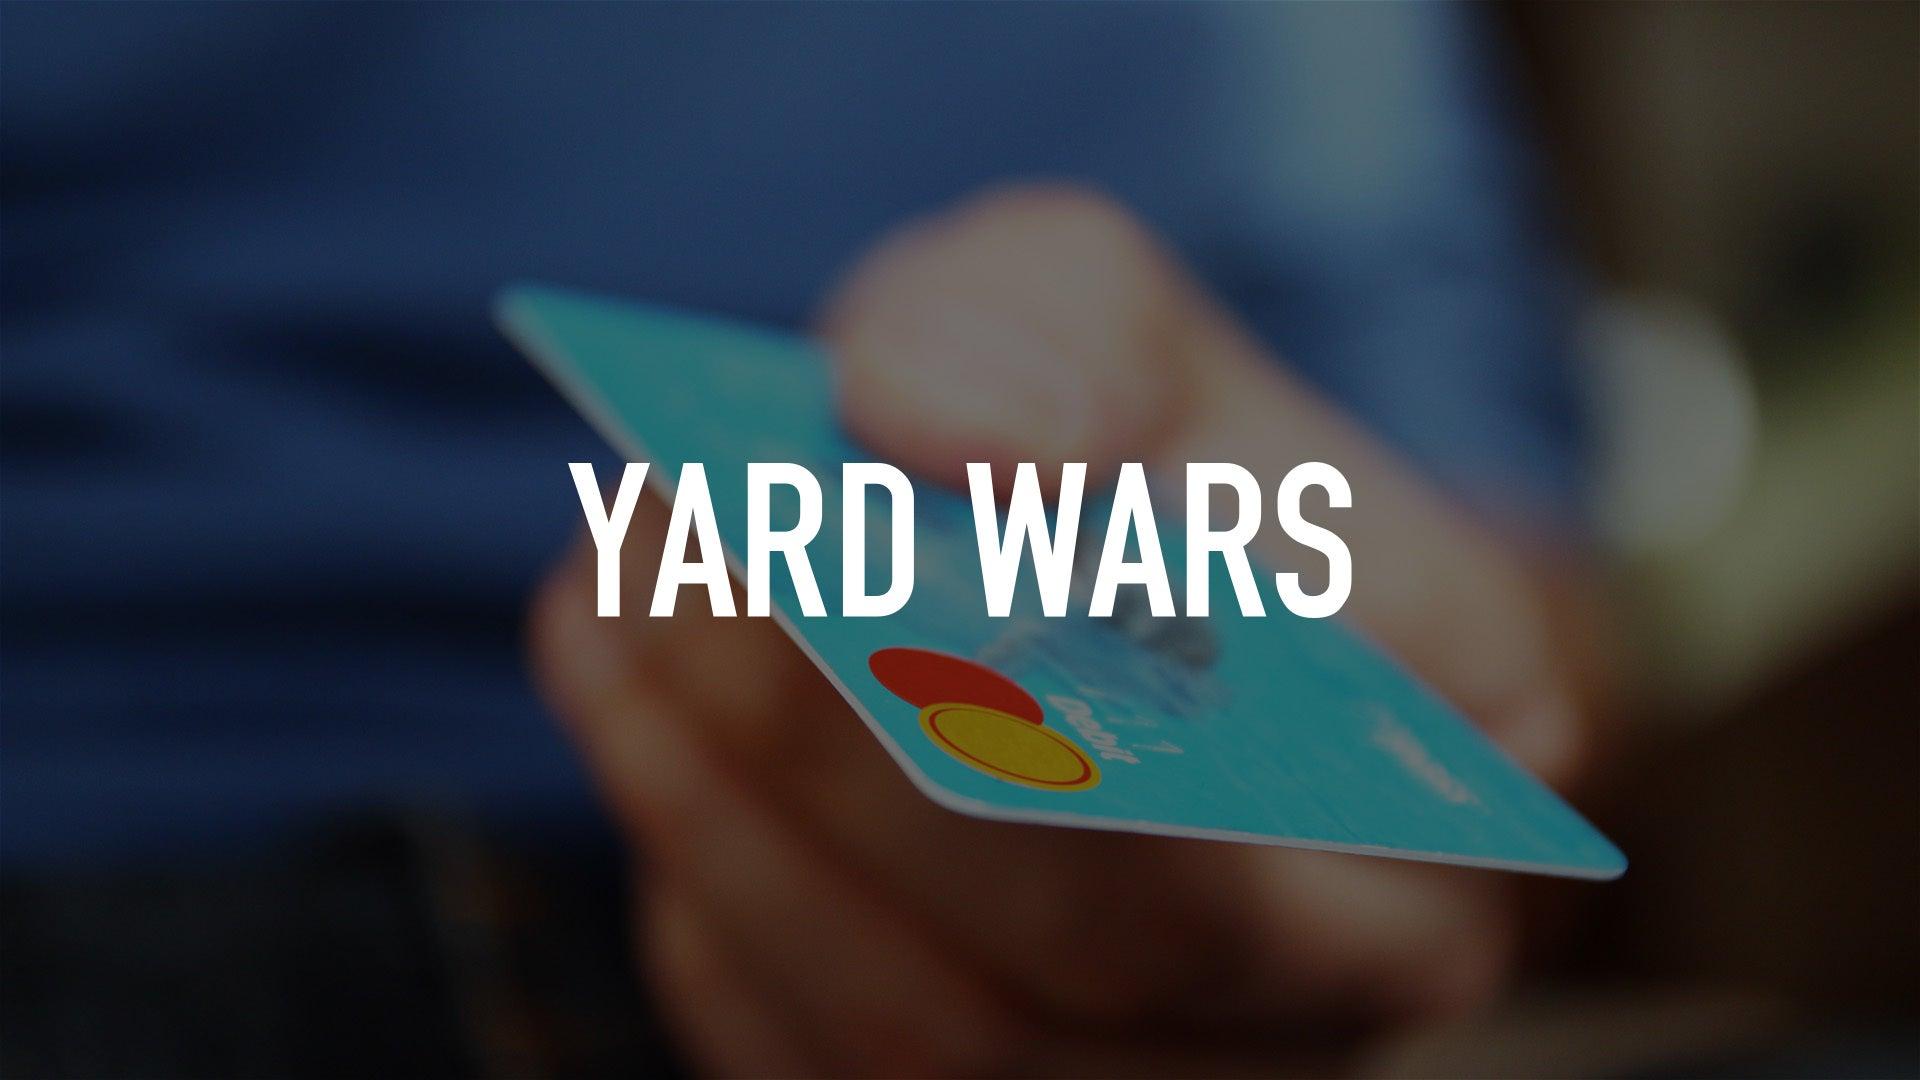 Yard Wars